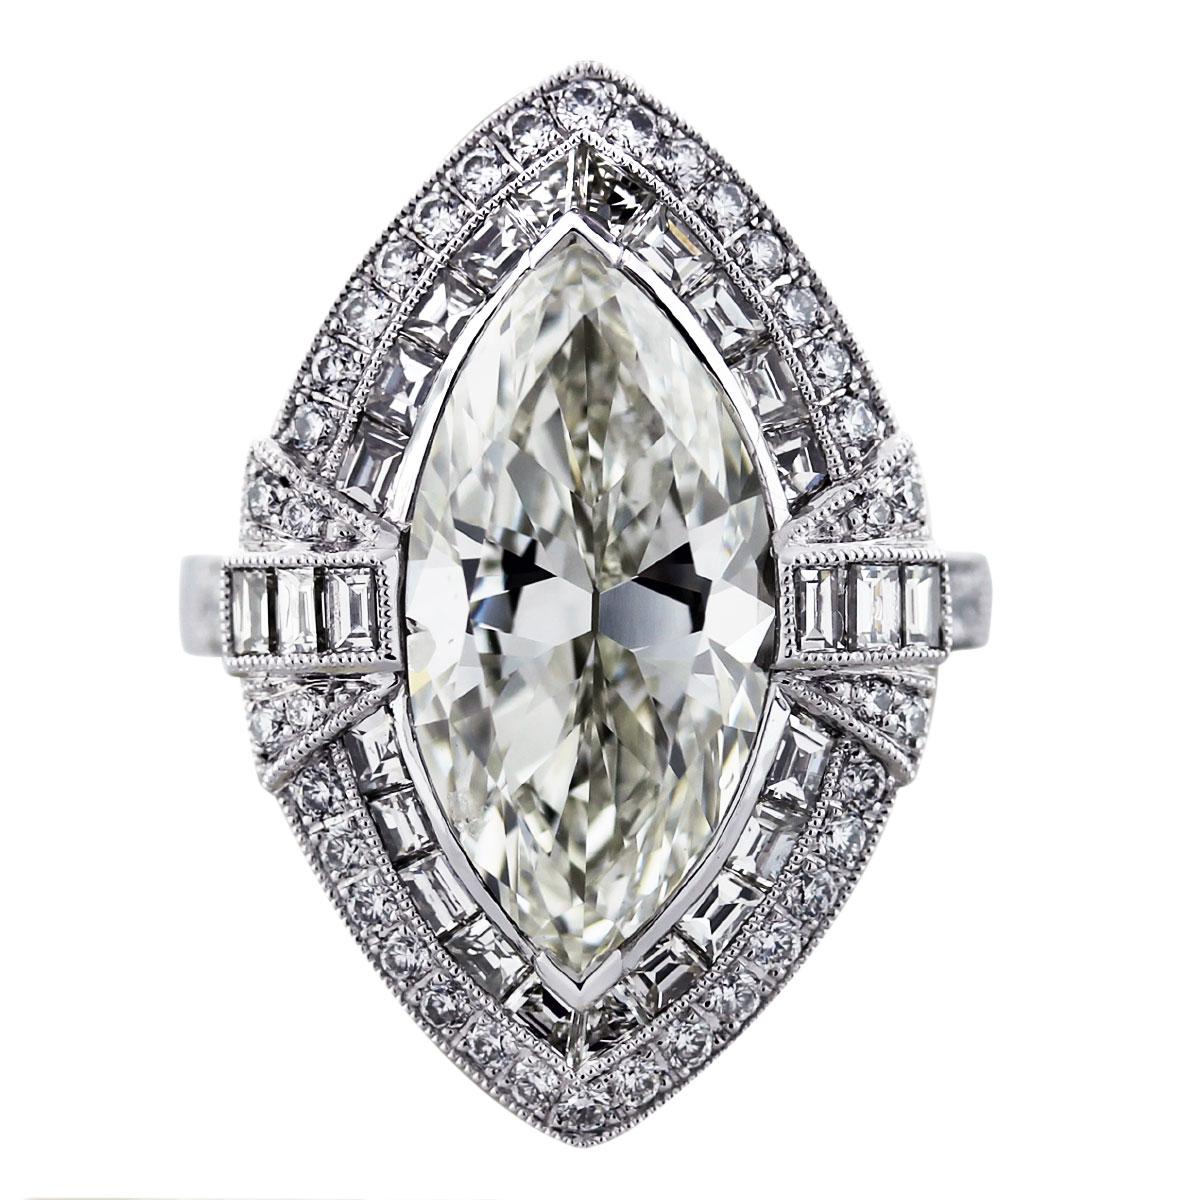 5 Carat Marquise Cut Diamond Platinum Engagement Ring Boca